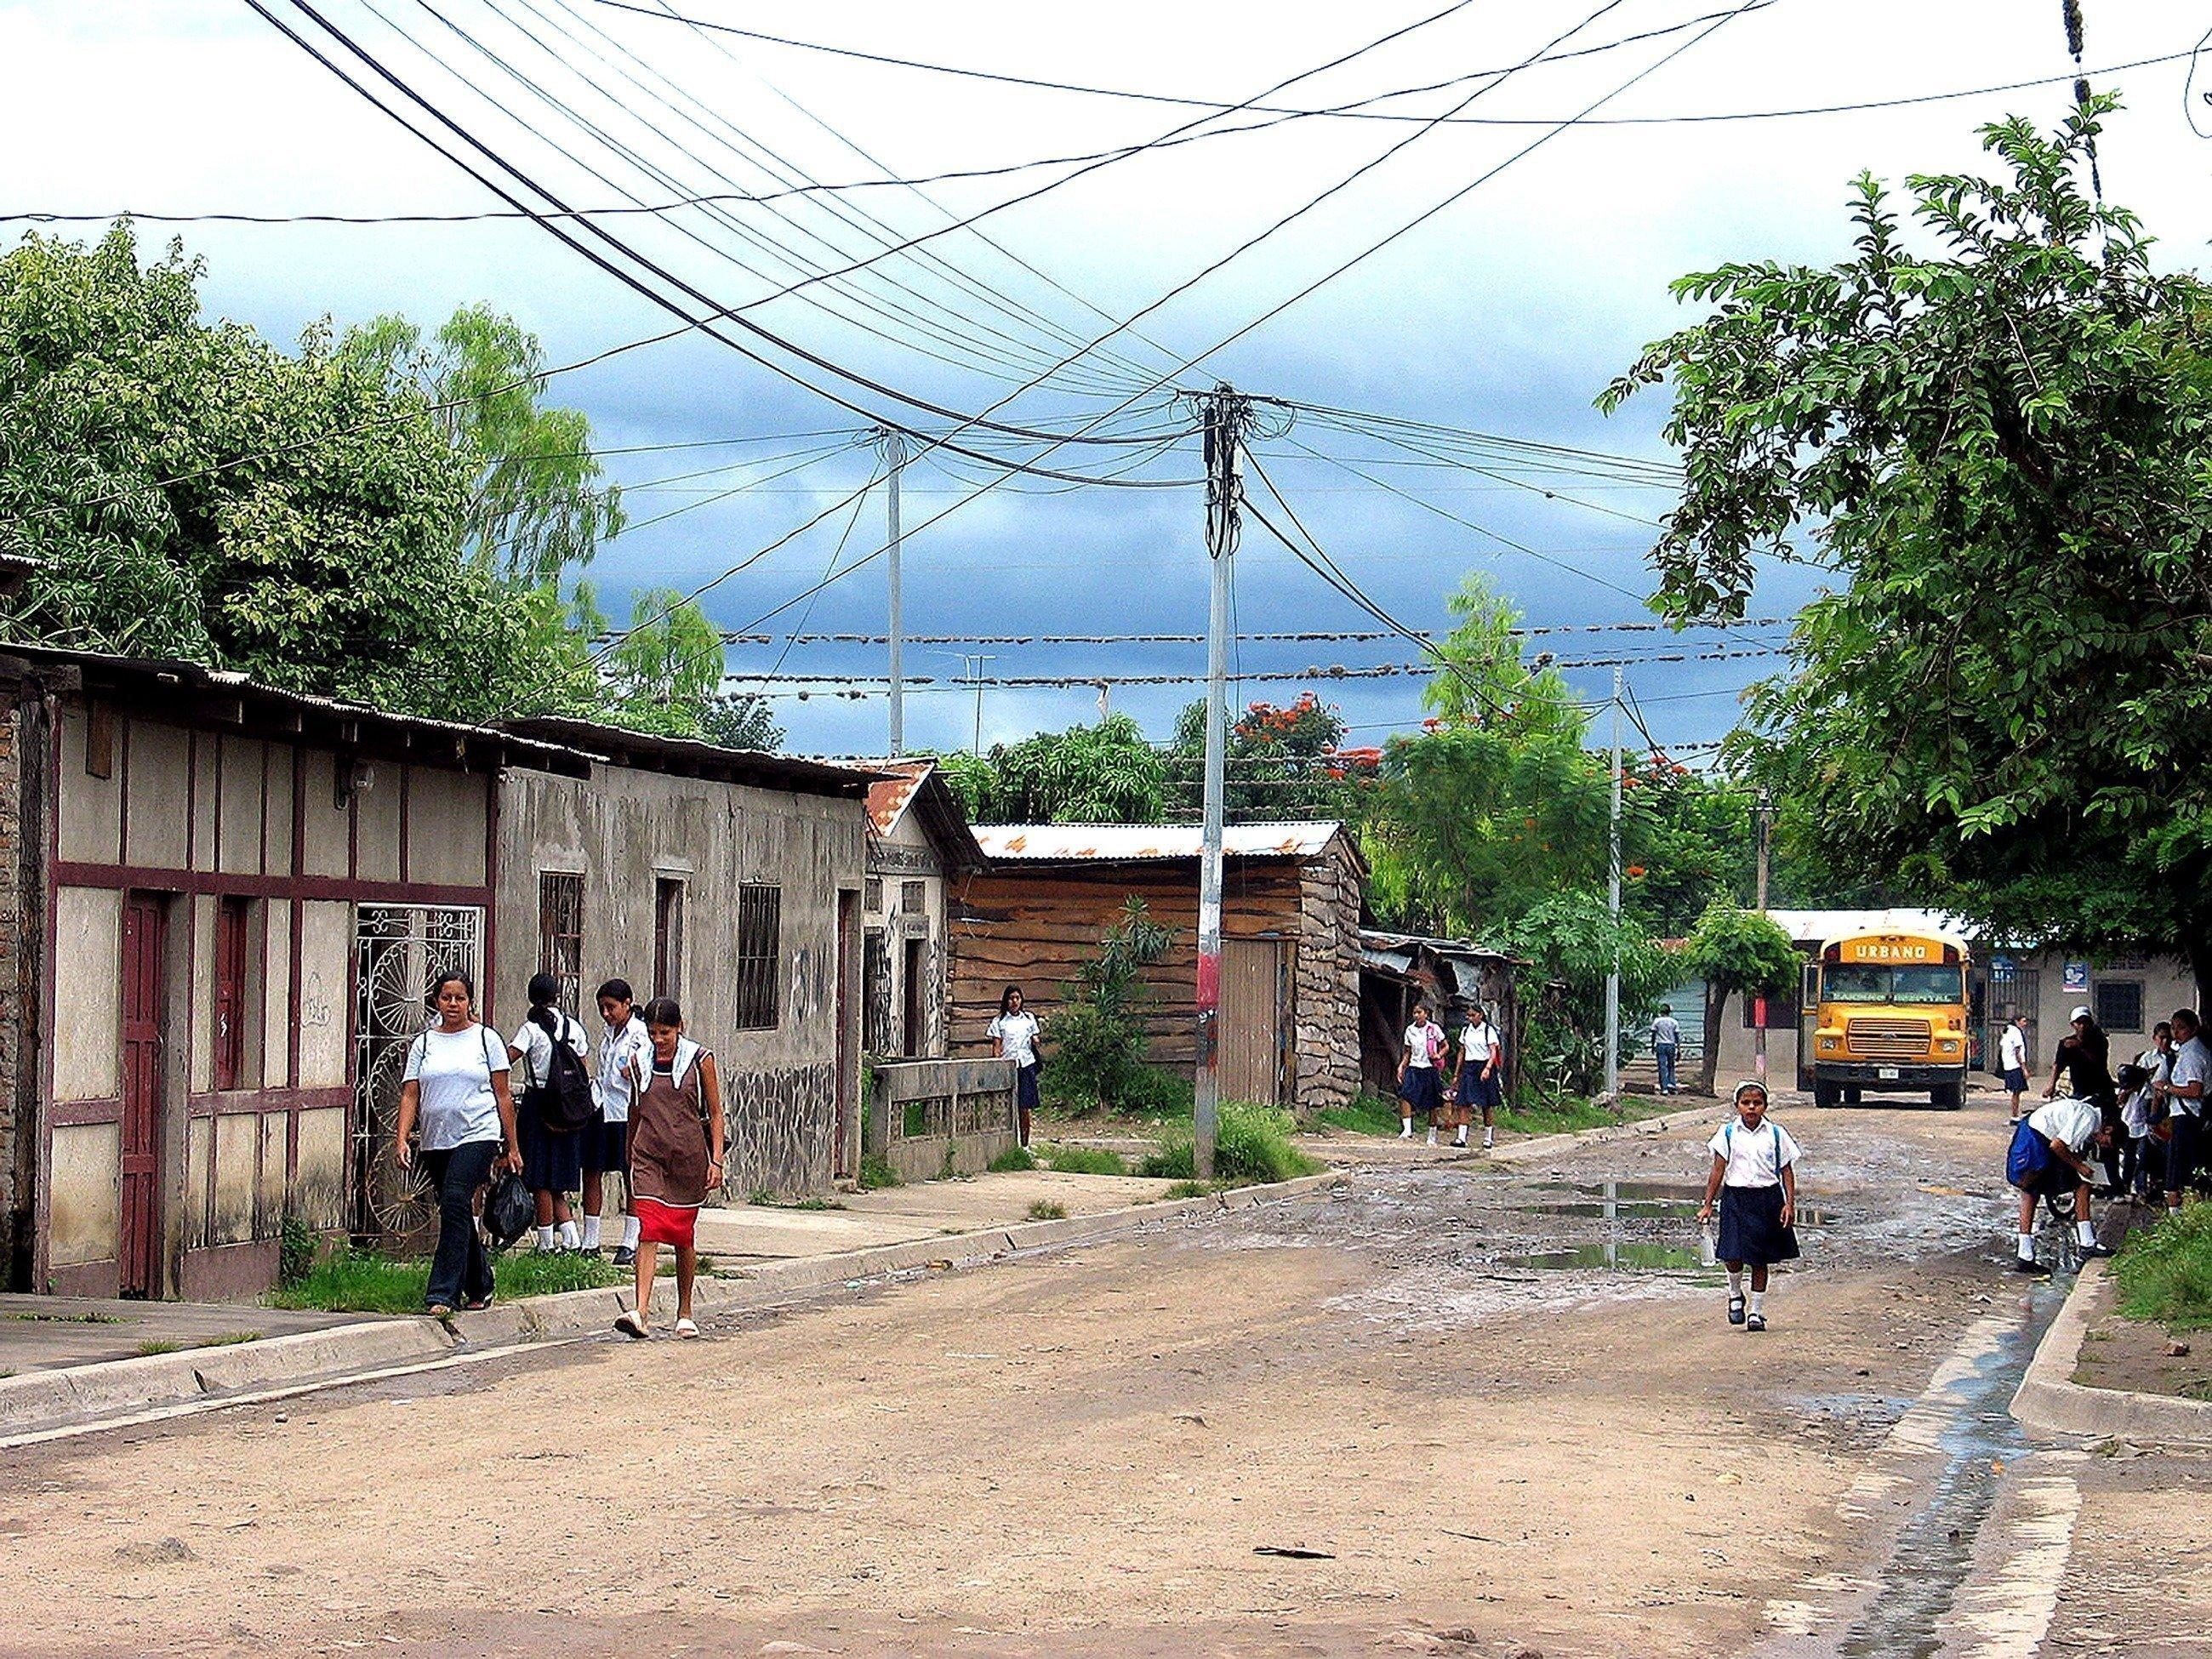 La strada di un villaggio in Nicaragua